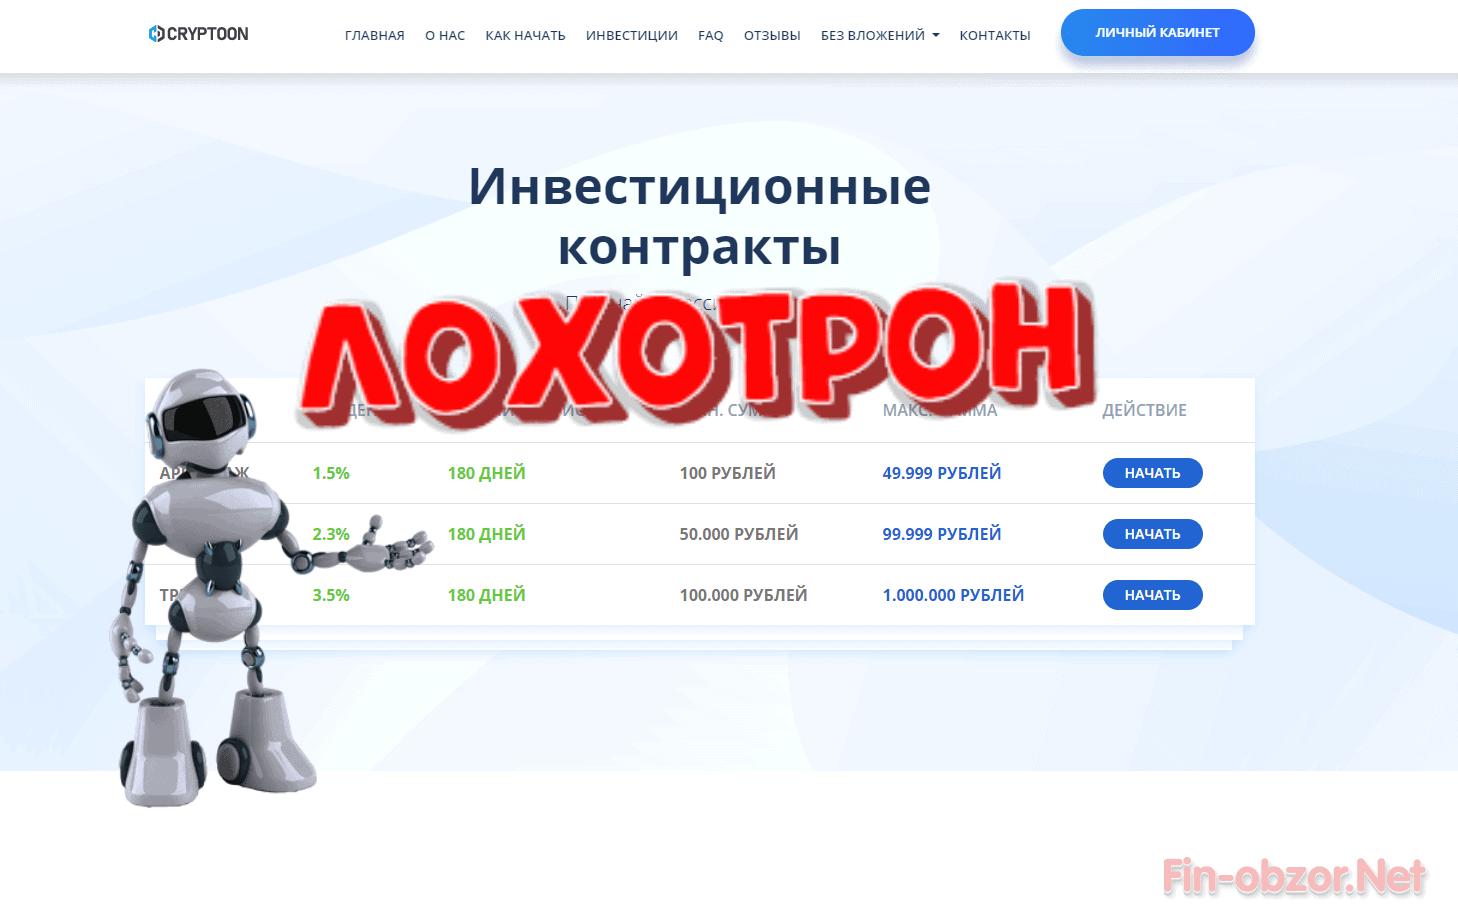 Cryptoon.org - реальные отзывы и обзор пирамиды